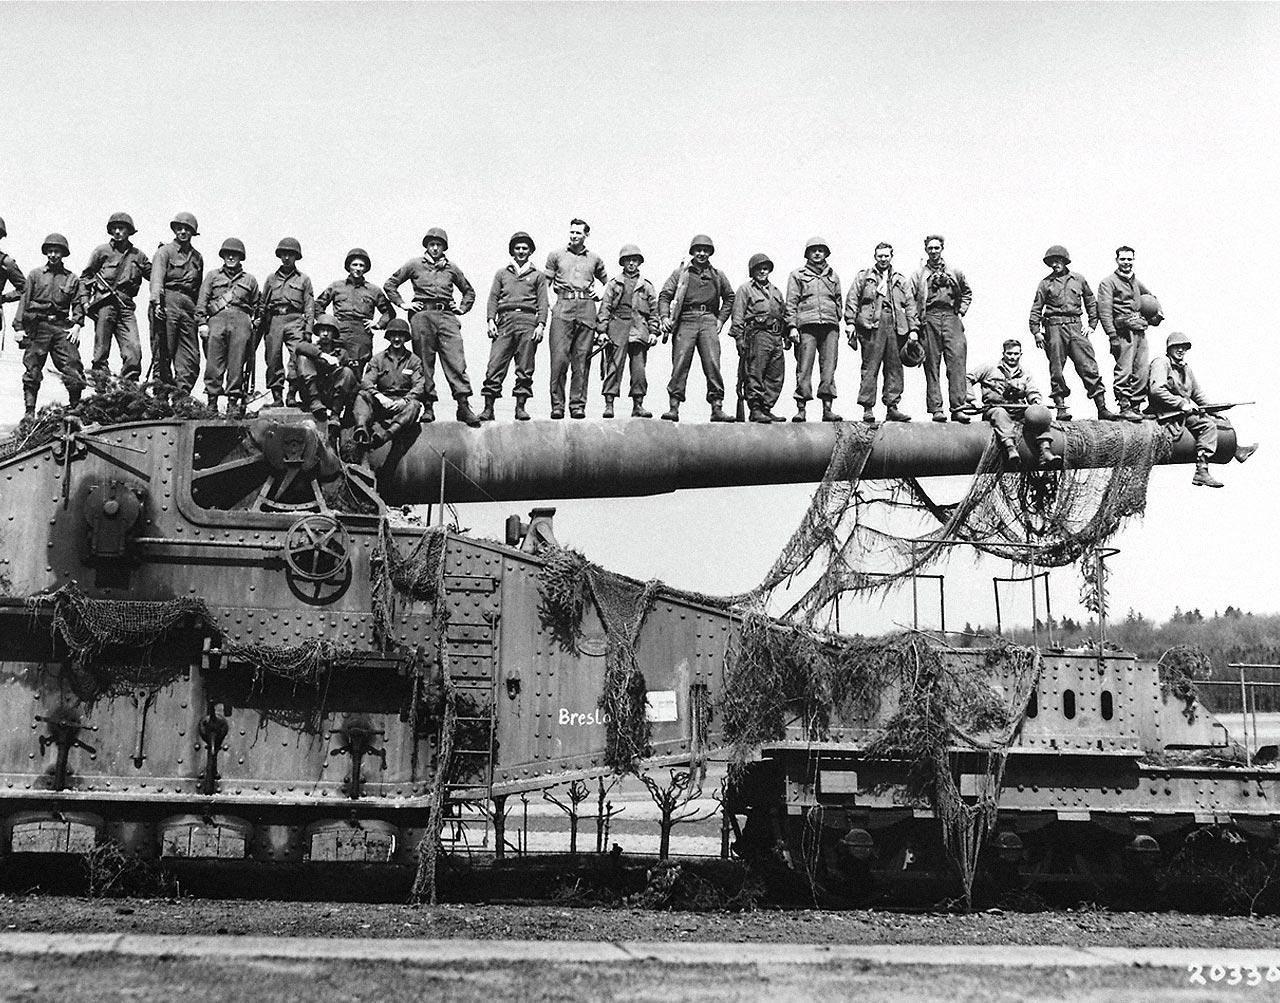 Acontecimientos de la Segunda Guerra Mundial | Search, Asia and ...